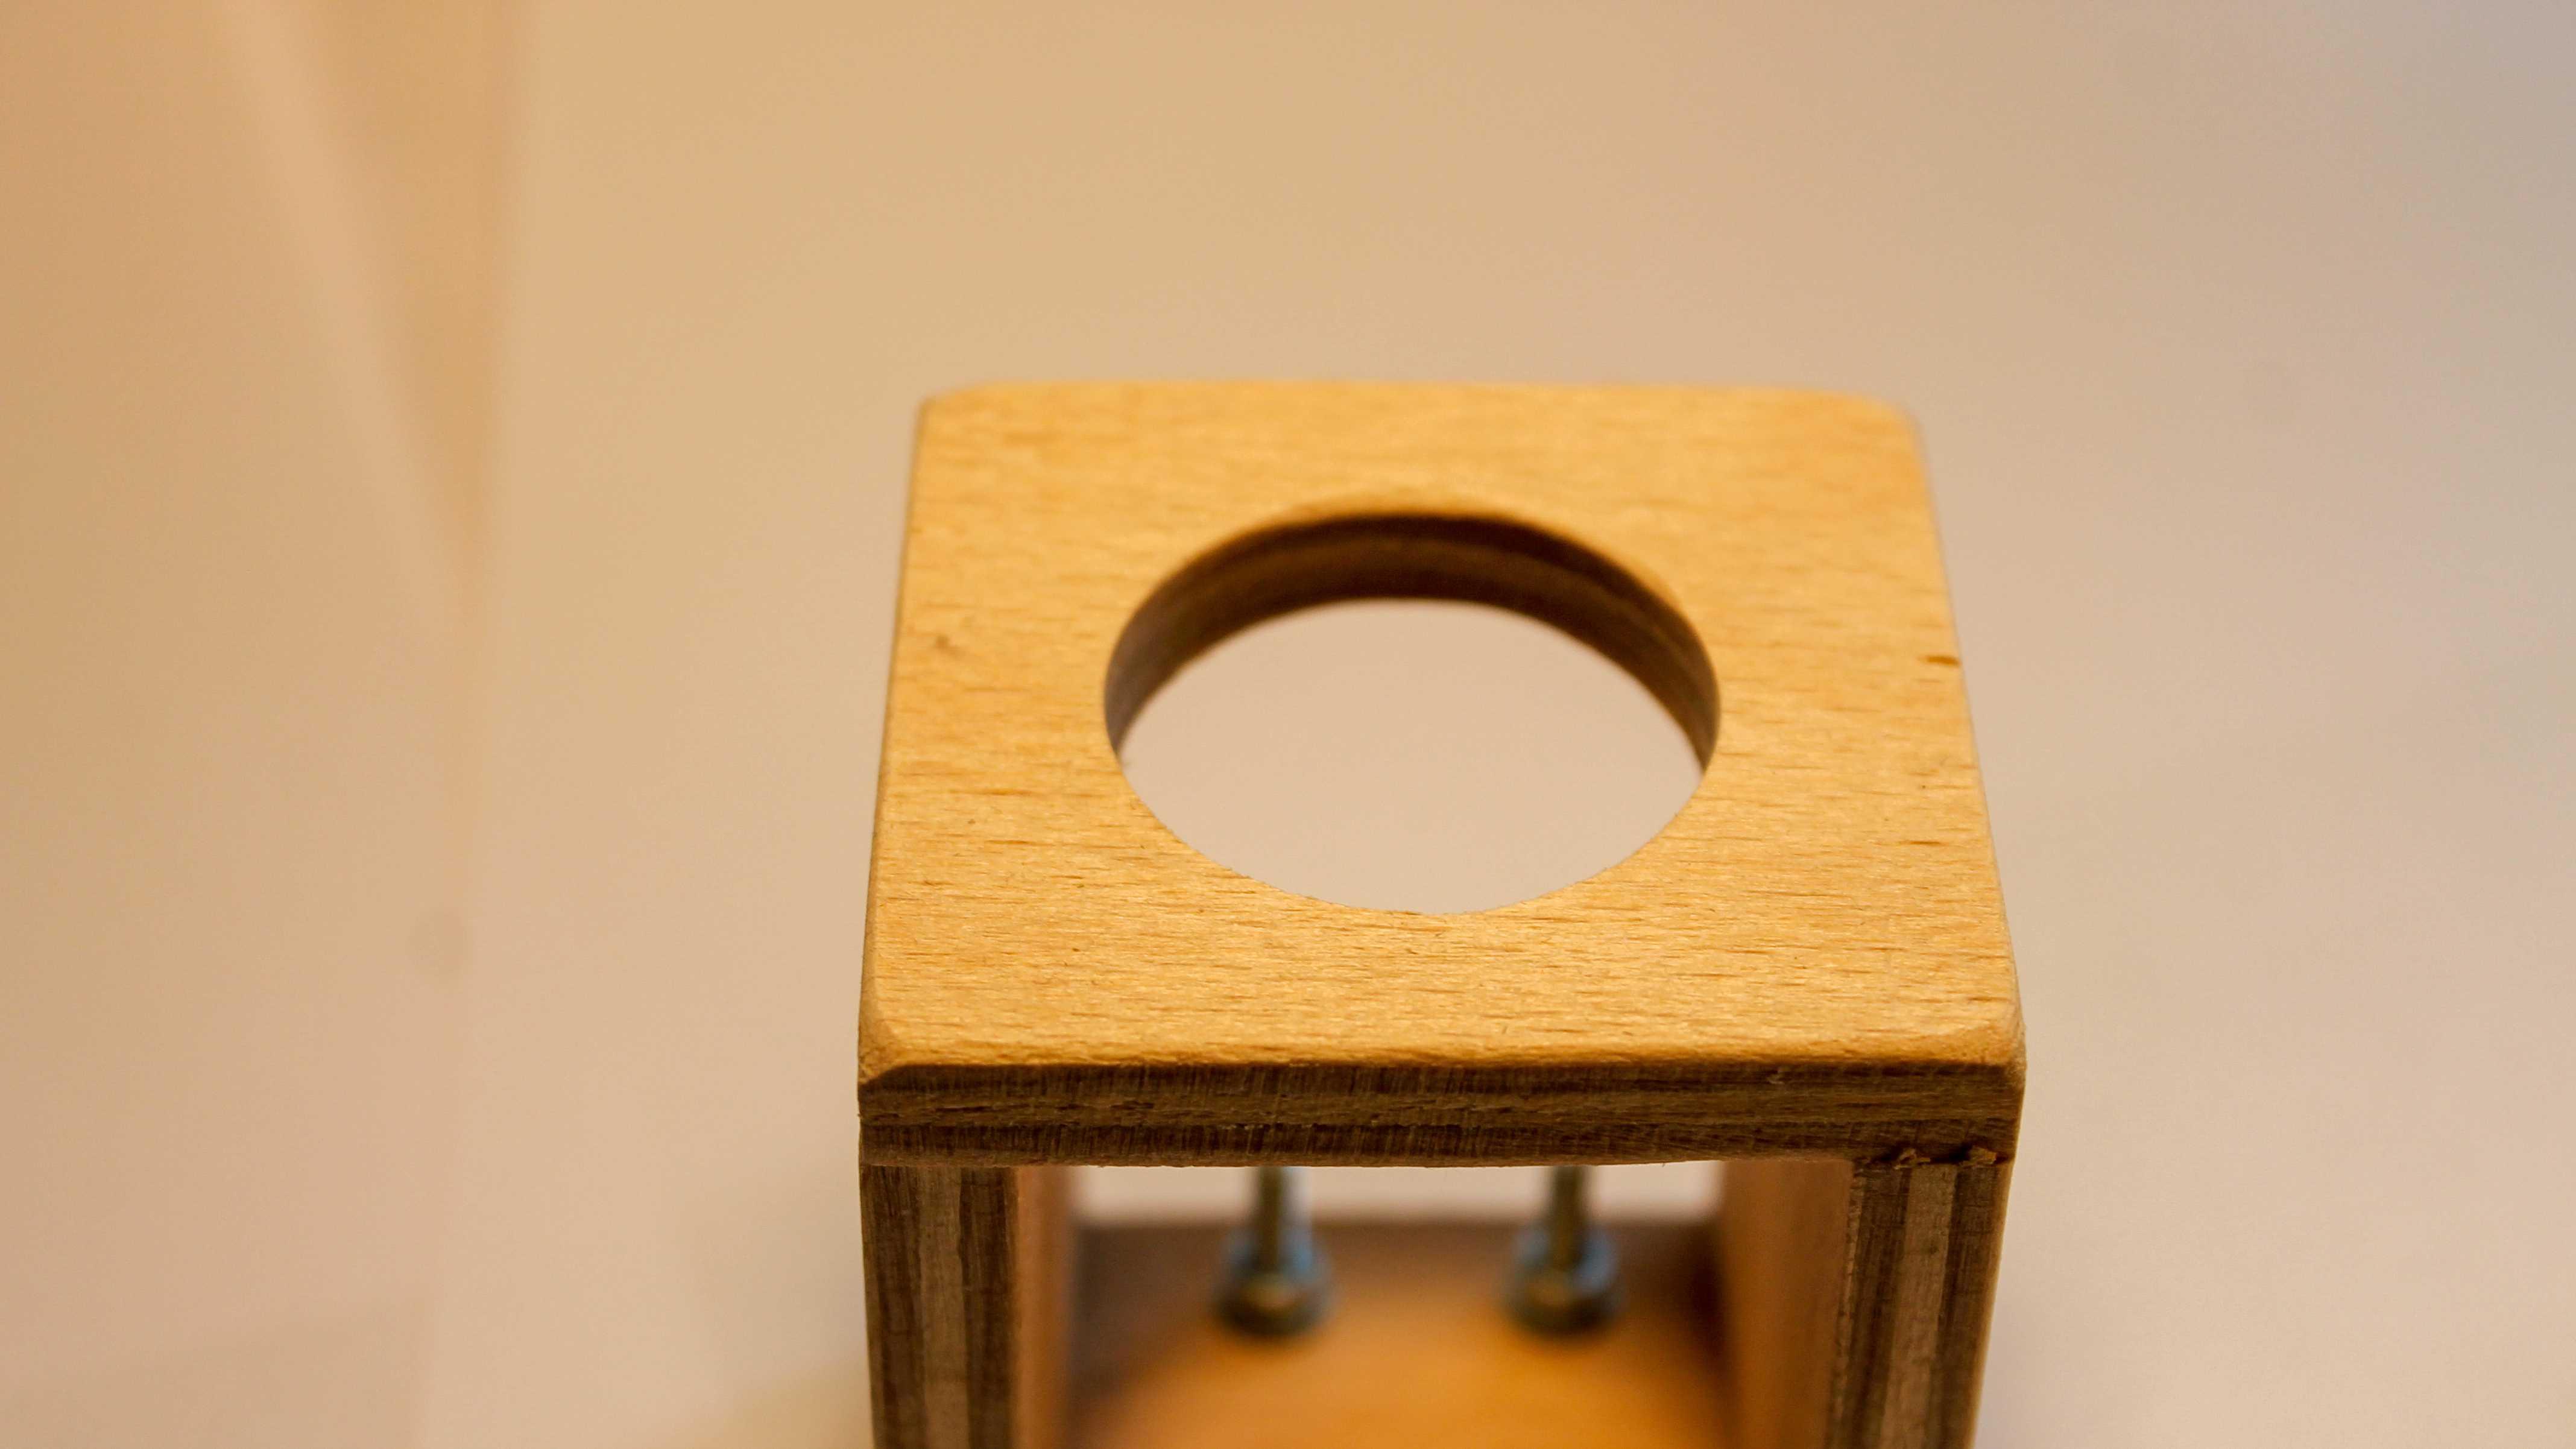 Blick auf Holzwürfel mit großem Loch.